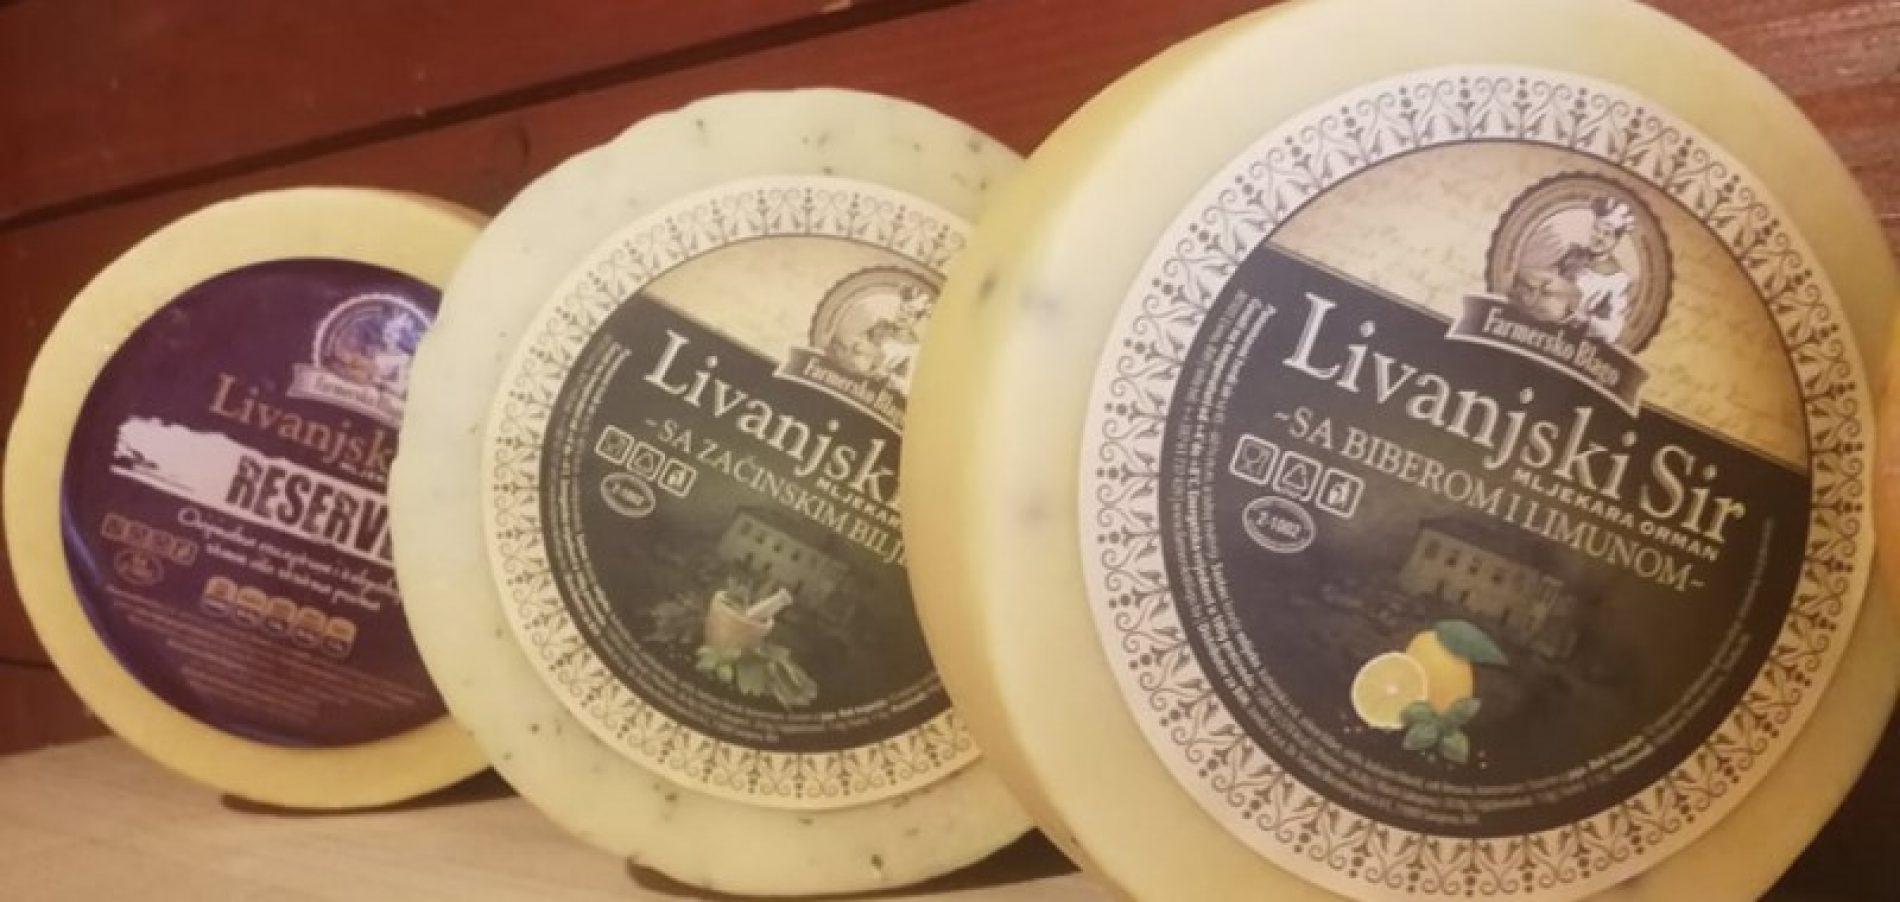 Livnjaci predstavili sir sa biberom i limunom, paprikom i začinskim biljem